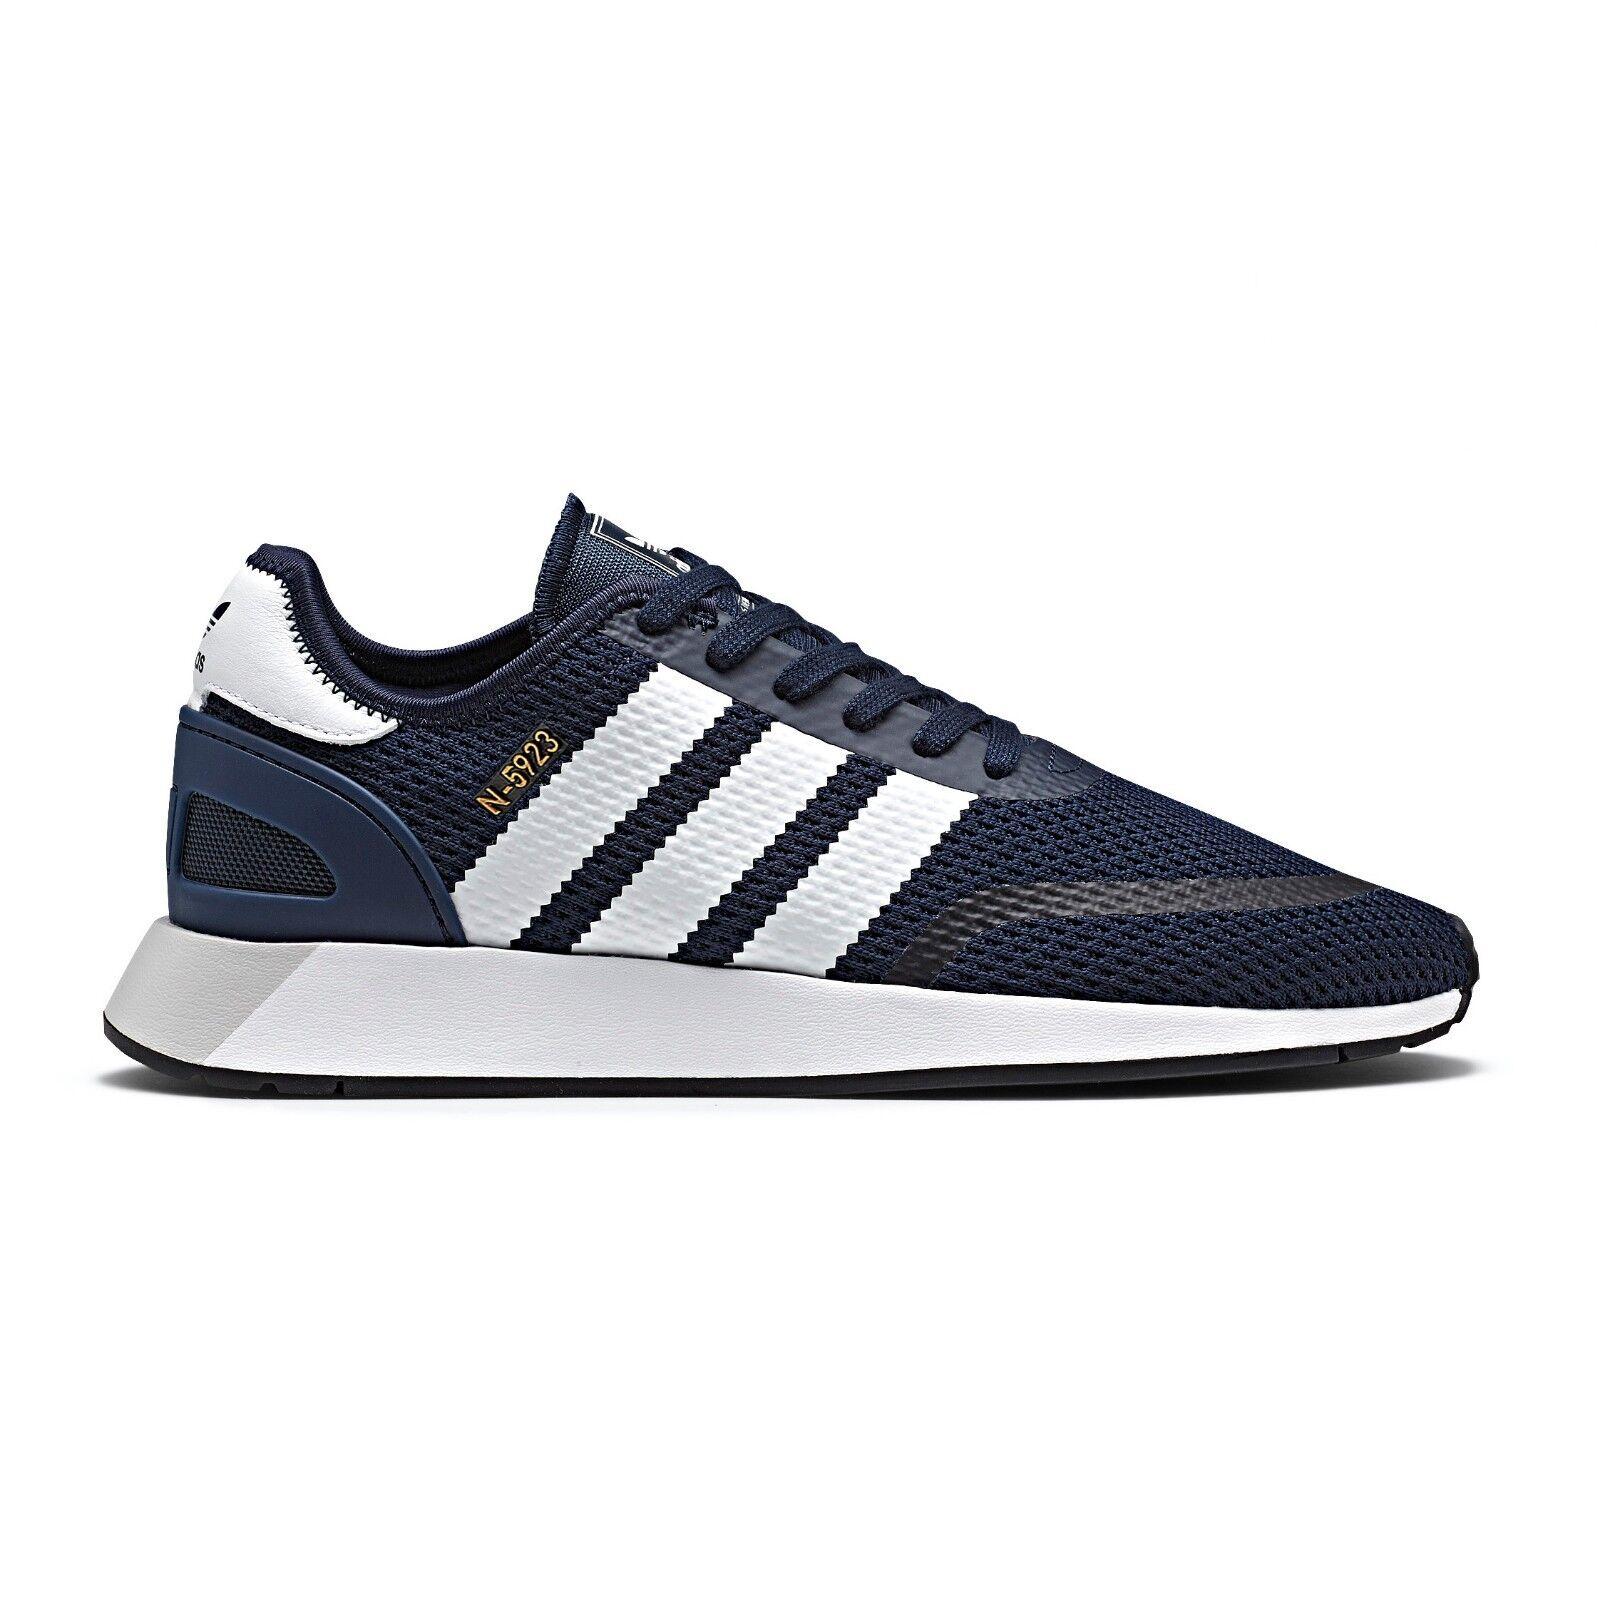 Adidas - N-5923 Iniki   DB0961 - Mens Shoes   Navy / White / Black